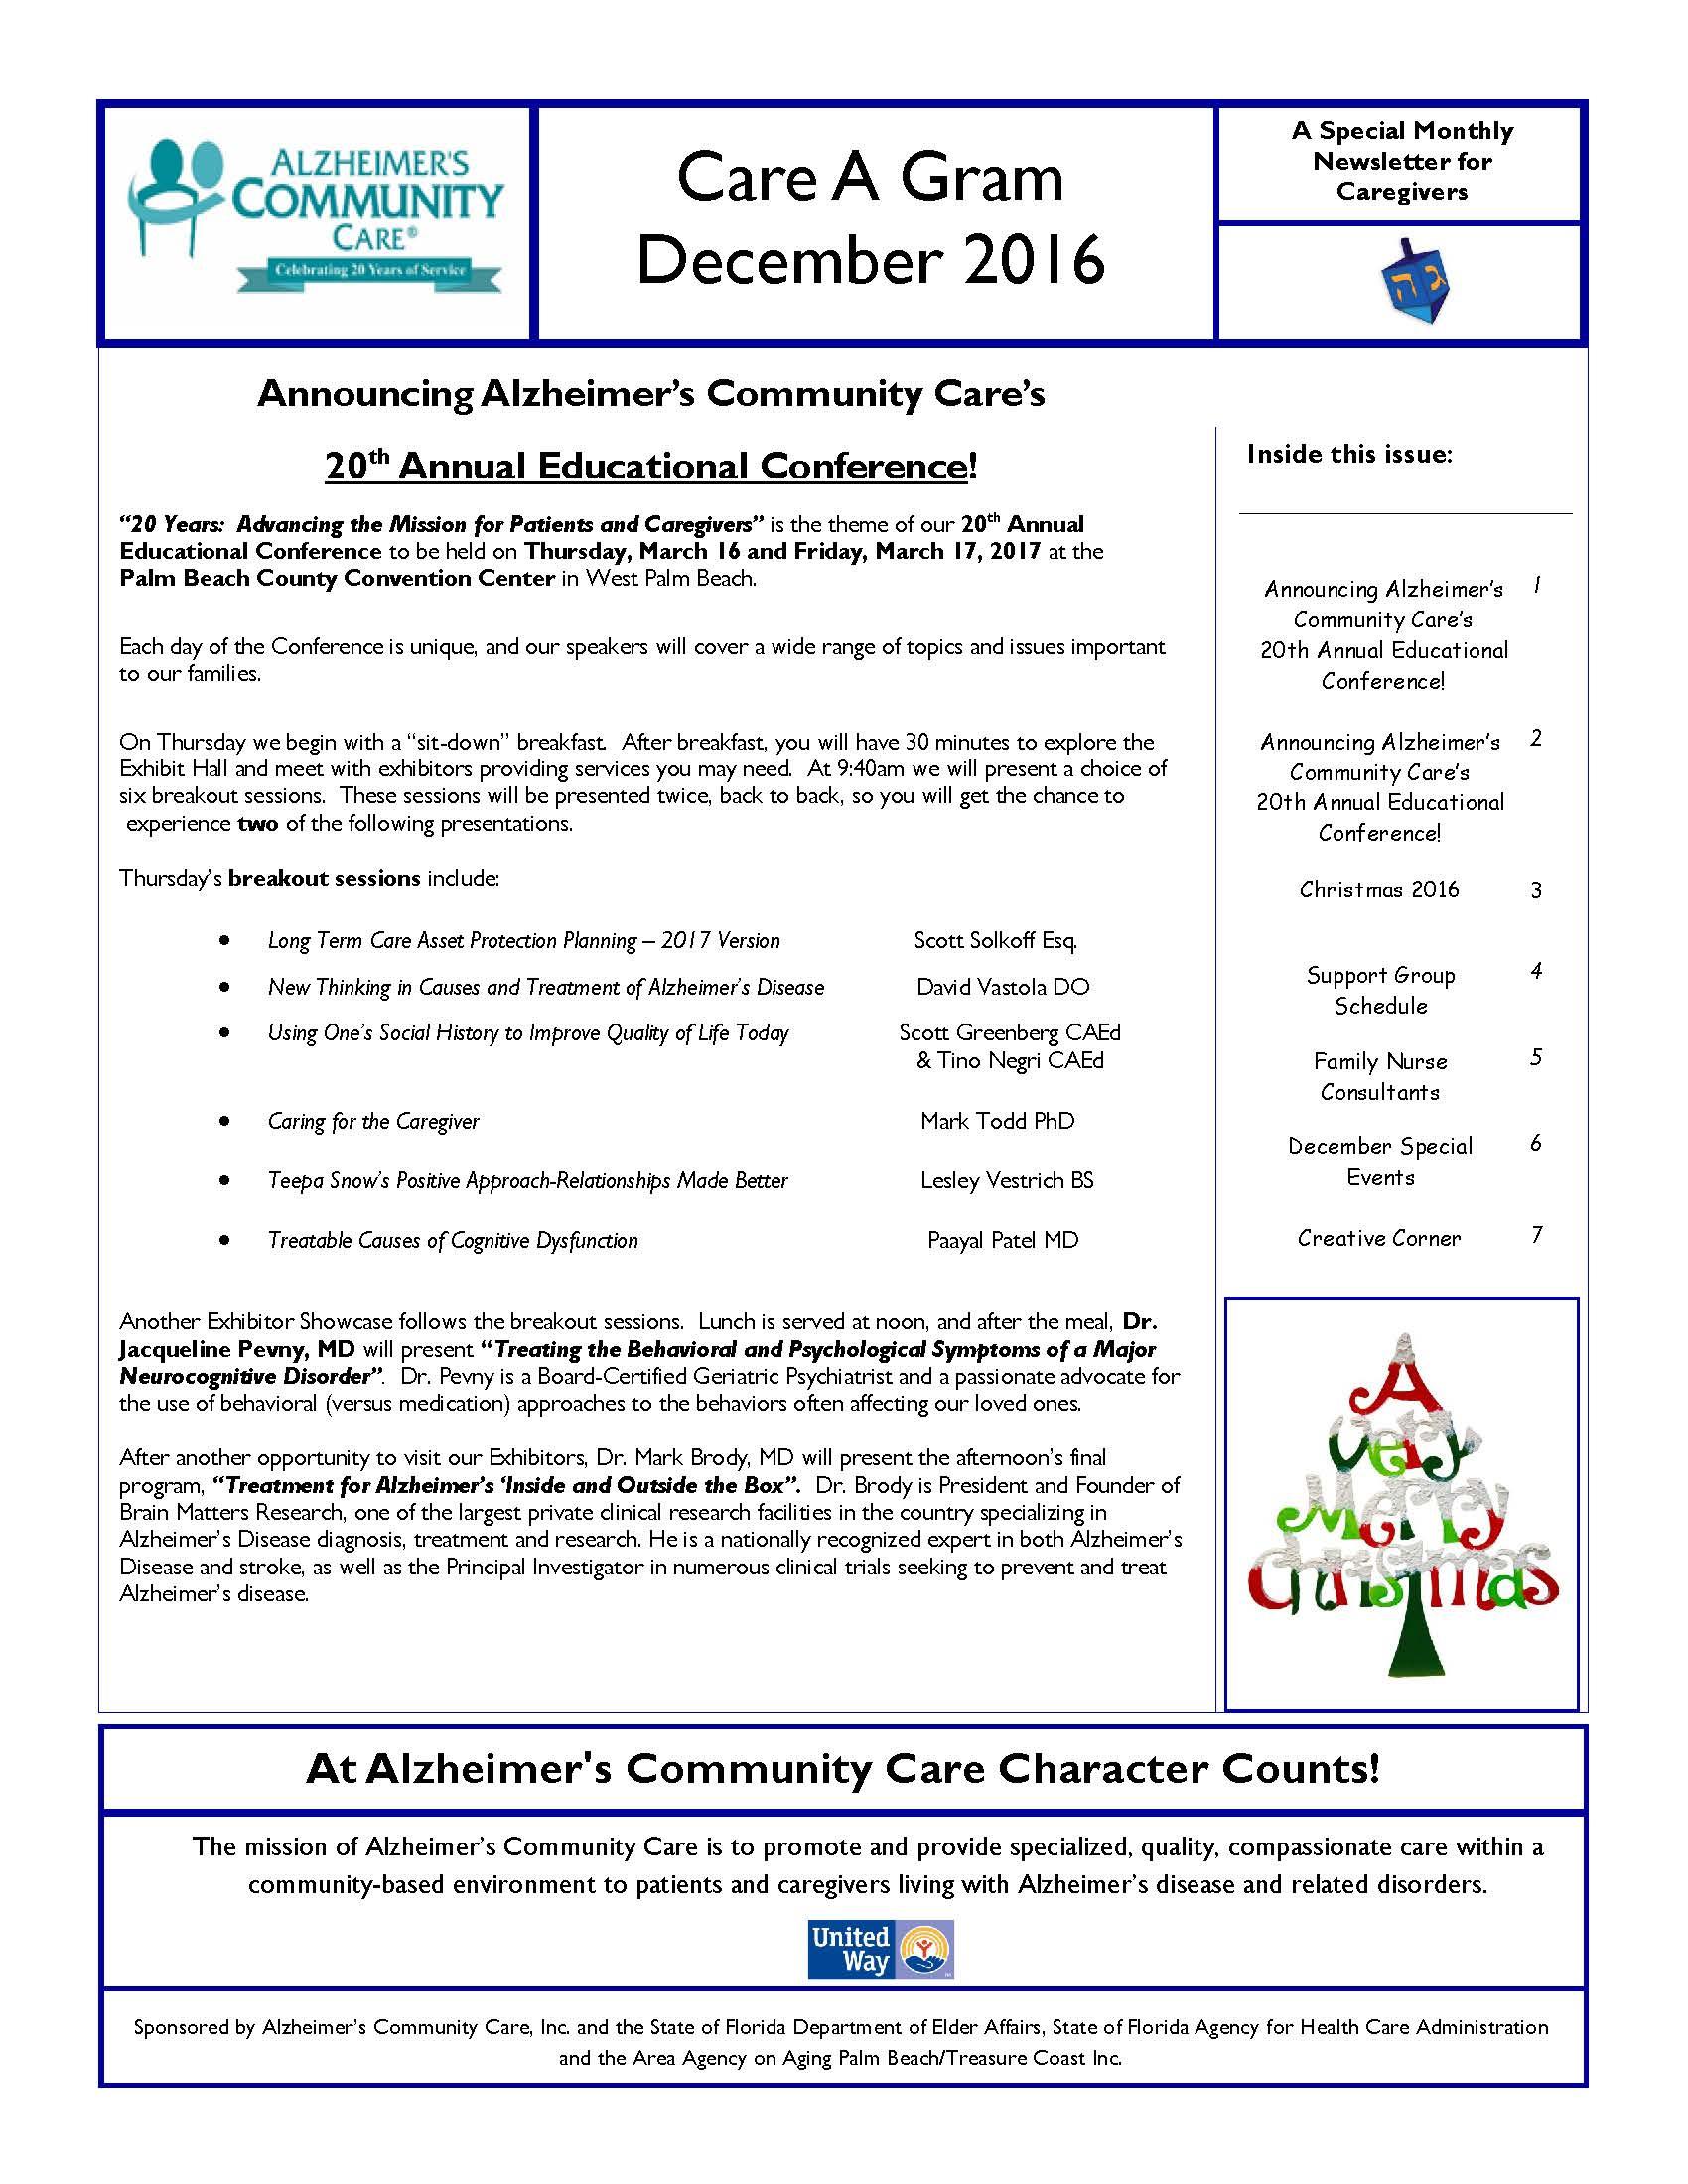 December 2016 Care A Gram